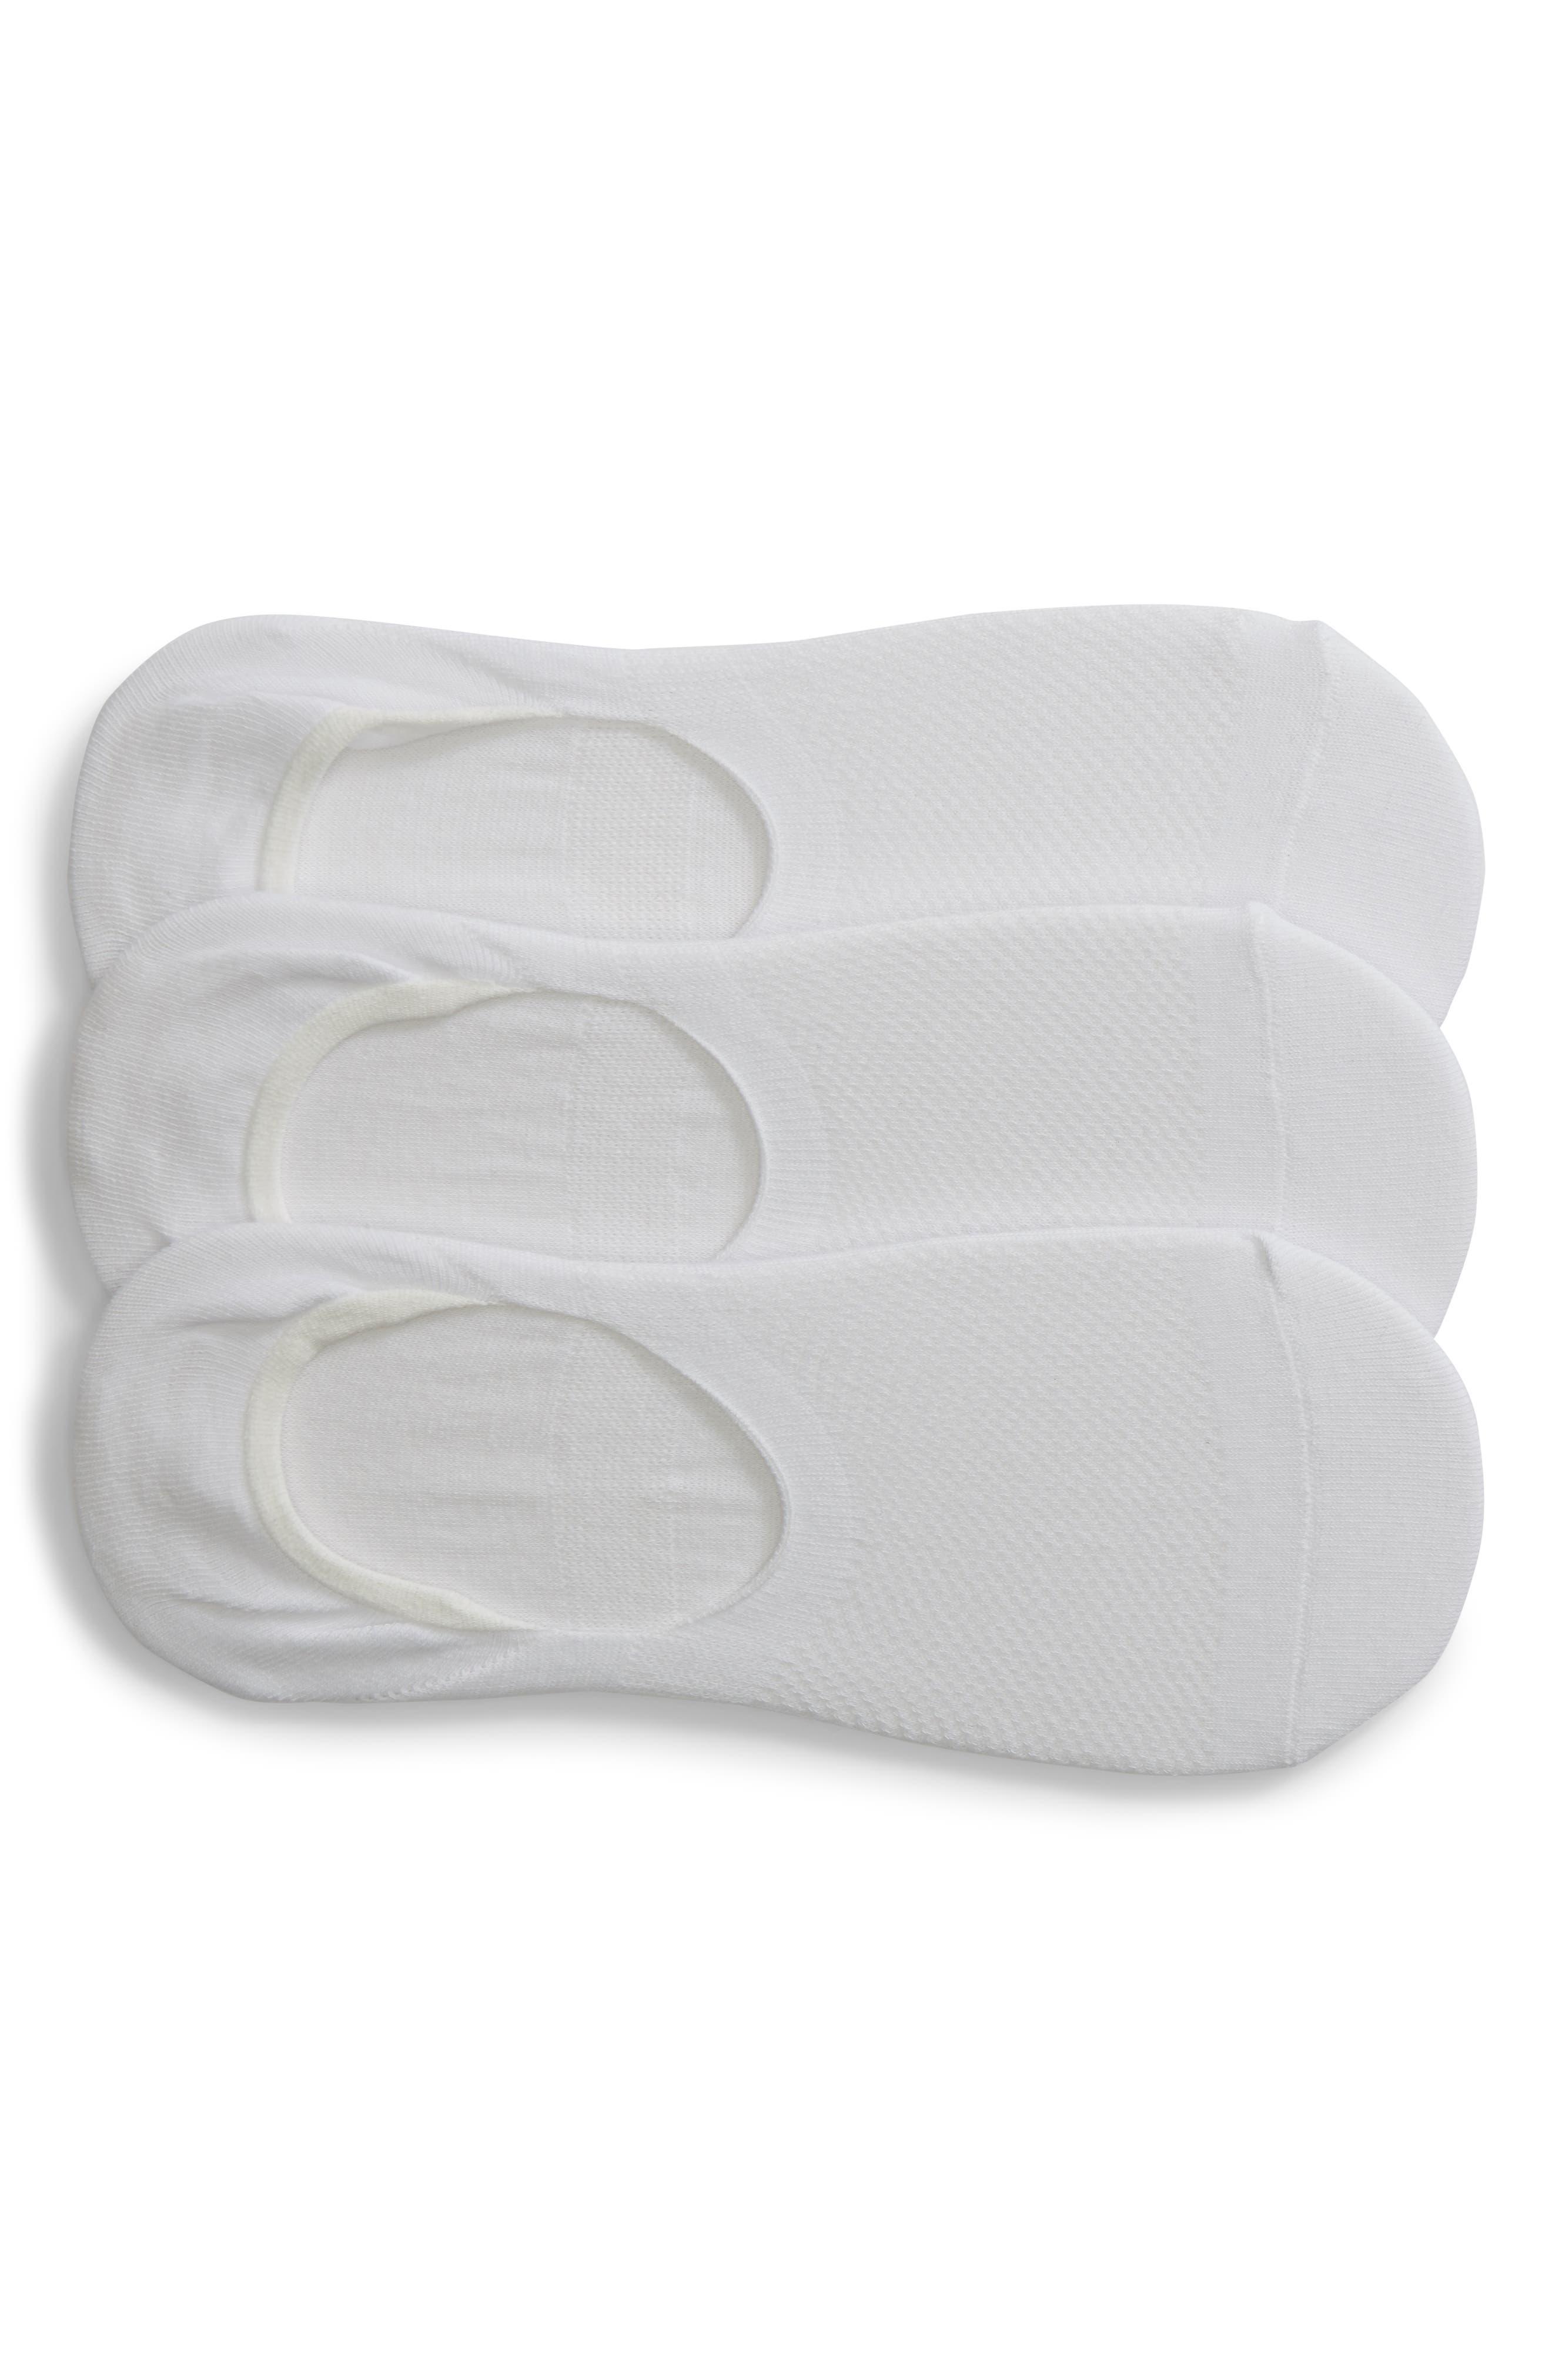 NORDSTROM, 3-Pack Liner Socks, Main thumbnail 1, color, WHITE